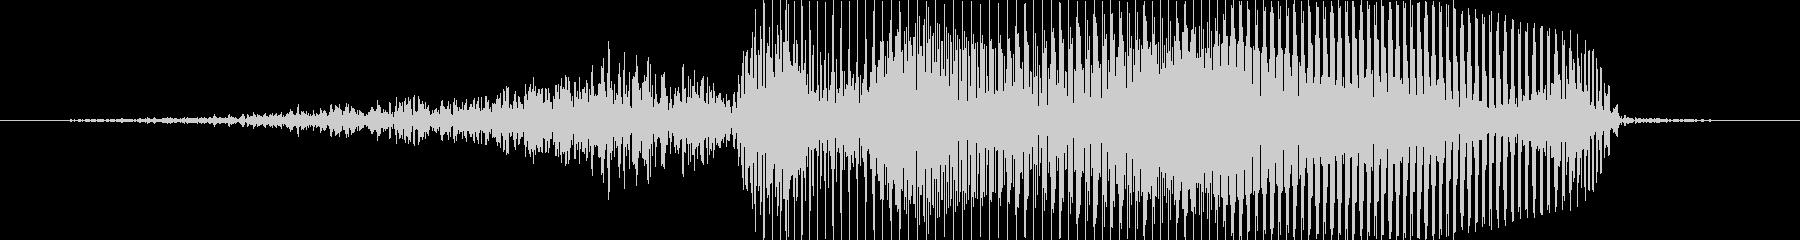 しょ!の未再生の波形